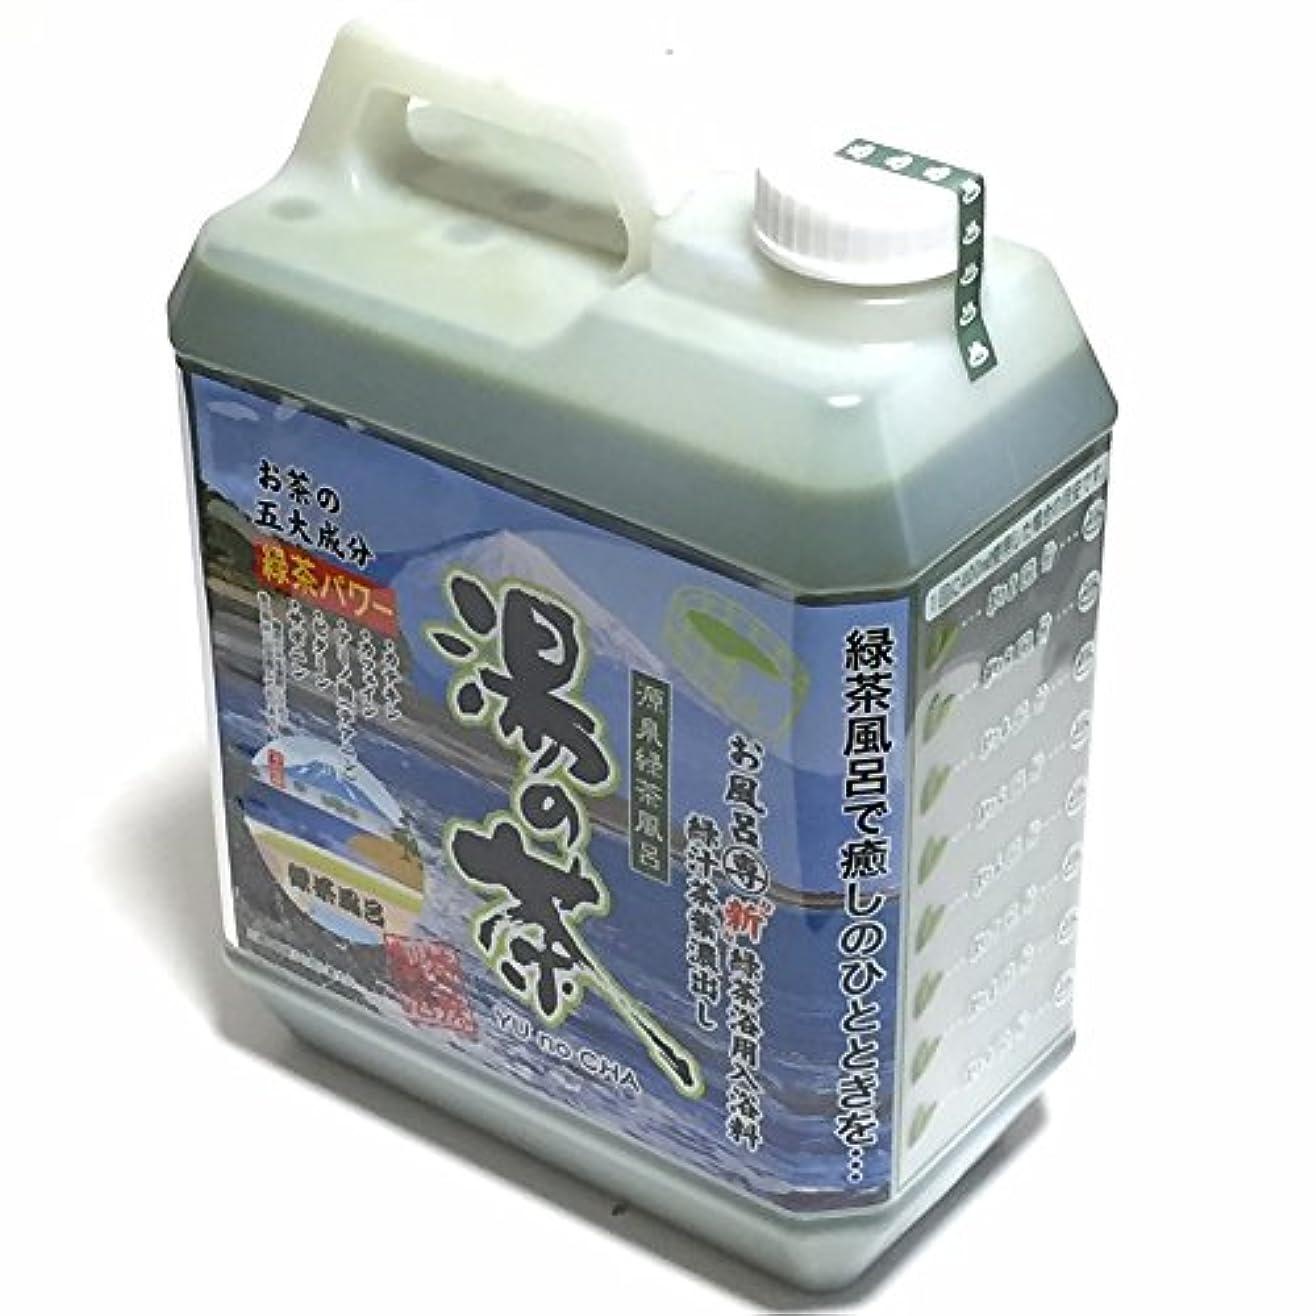 黒くするユダヤ人グローブ緑茶のお風呂に入ろう??静岡茶葉100% 高濃度カテキン 緑茶入浴化粧品 湯の茶 大容量4リットル